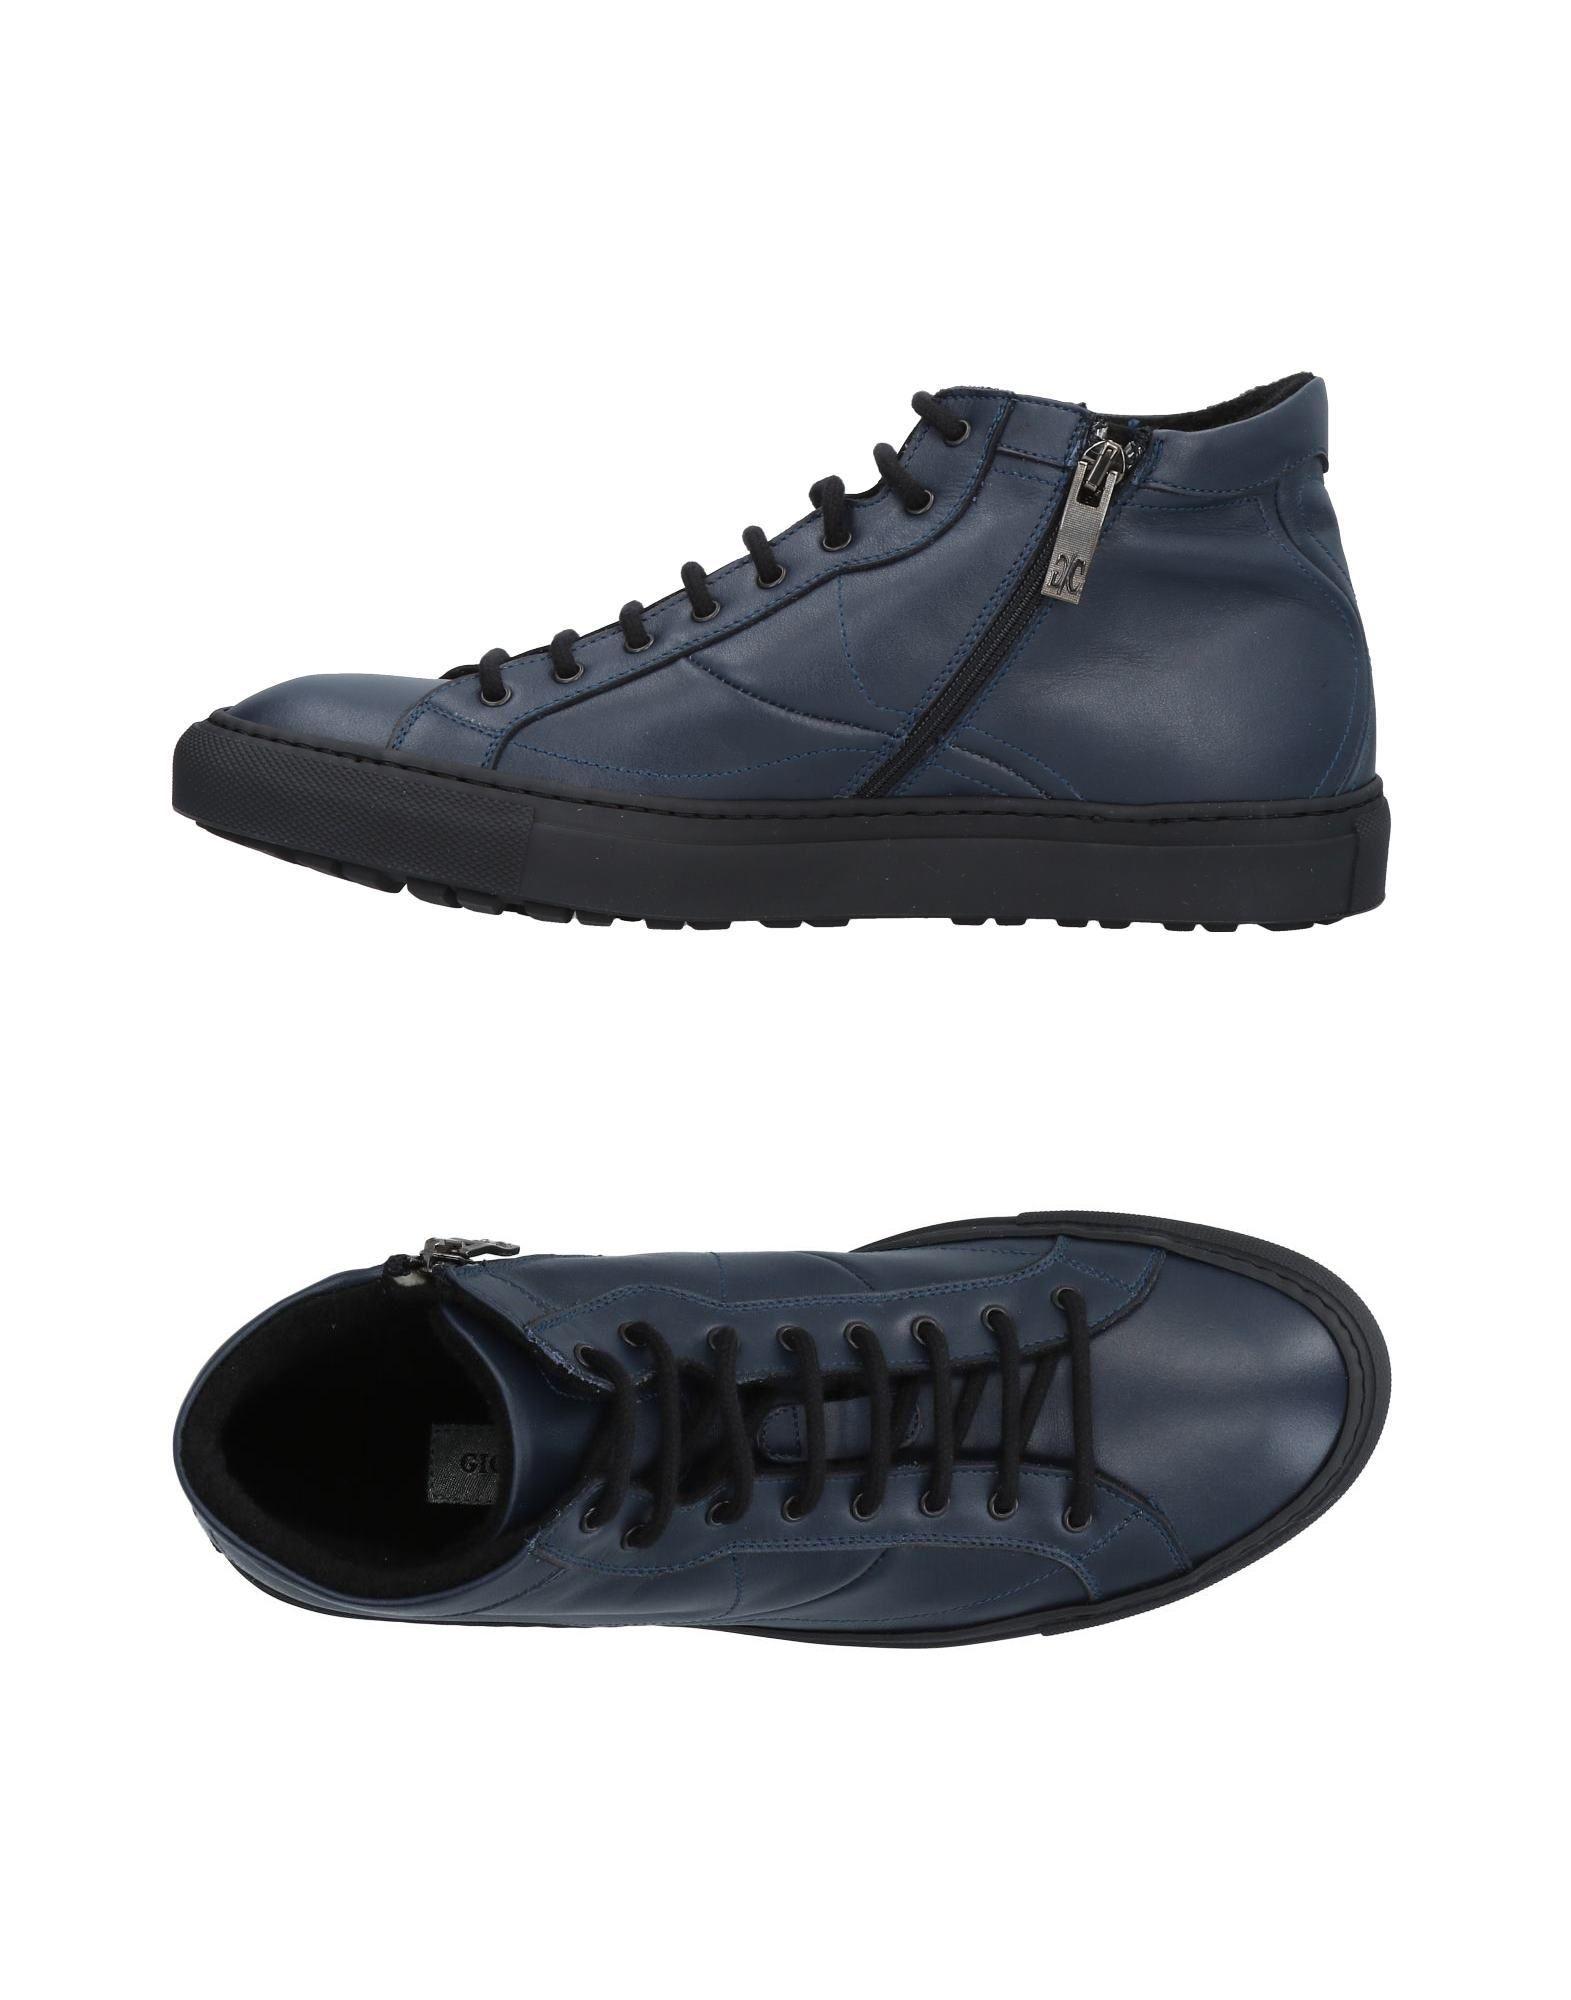 Sneakers Giovanni Conti Homme - Sneakers Giovanni Conti  Bleu foncé Spécial temps limité